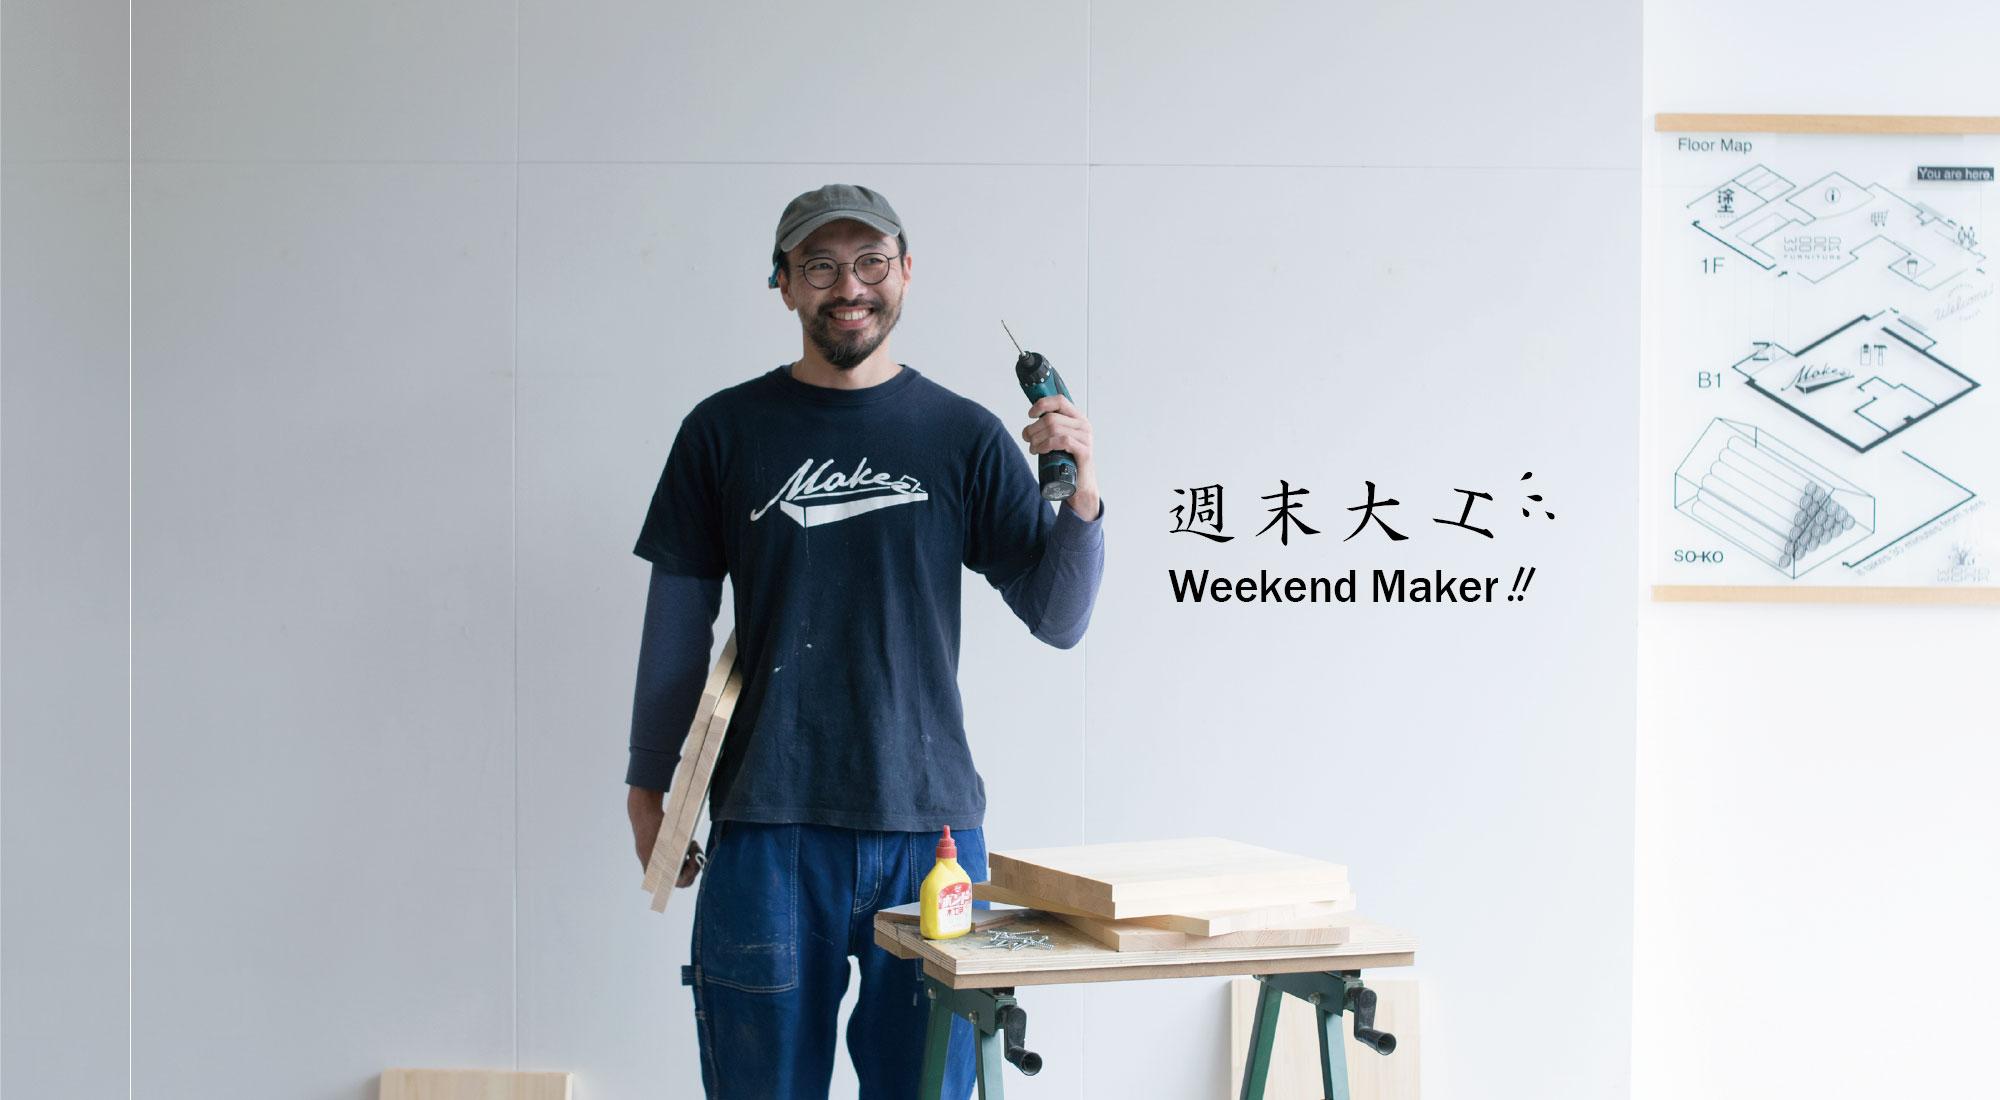 週末大工 Weekend maker !!